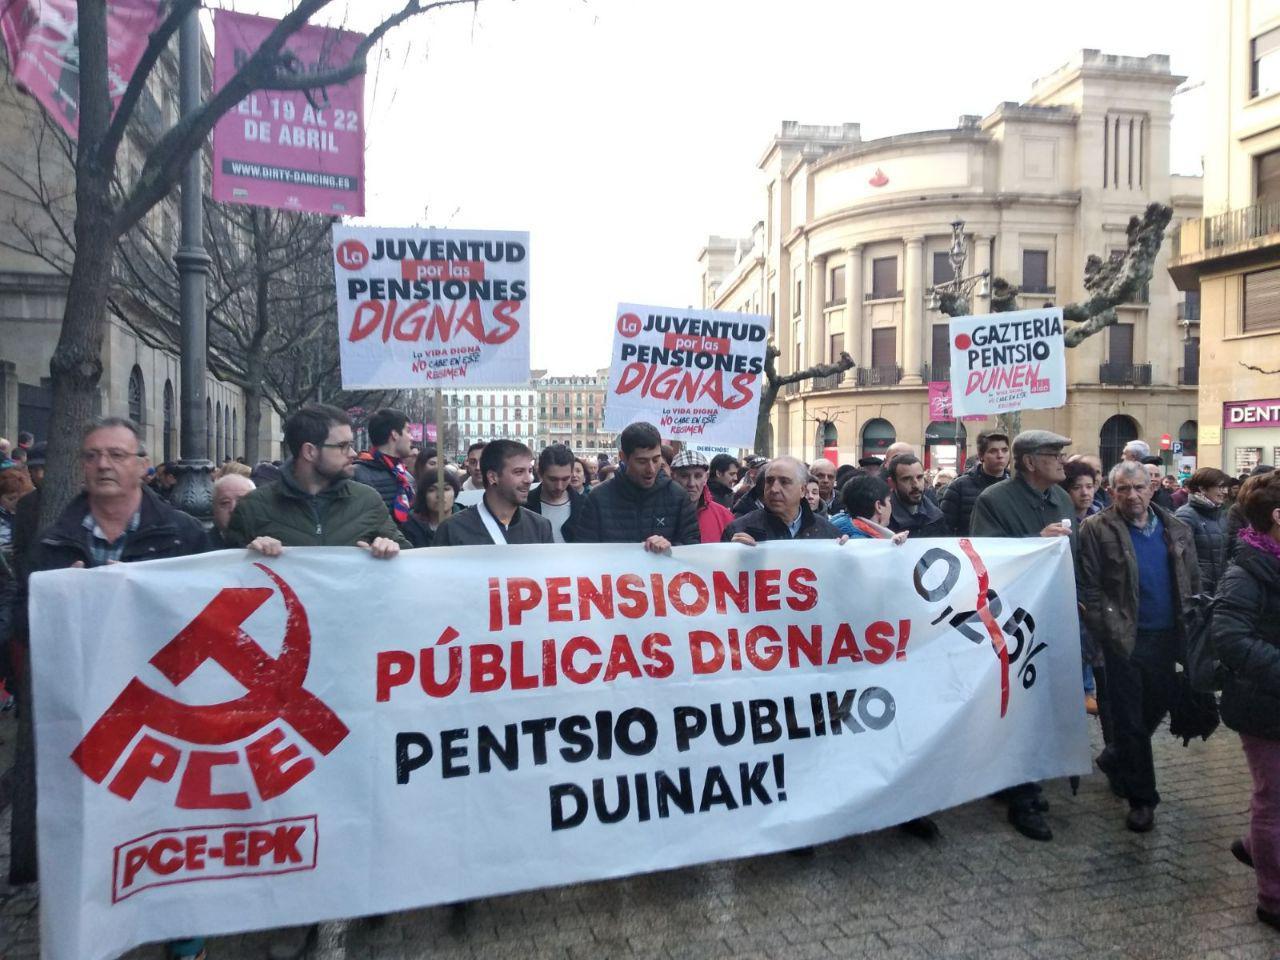 Acuerdo para la mejora de las Pensiones Públicas. La movilización y la acción política frente a la presión del poder económico.